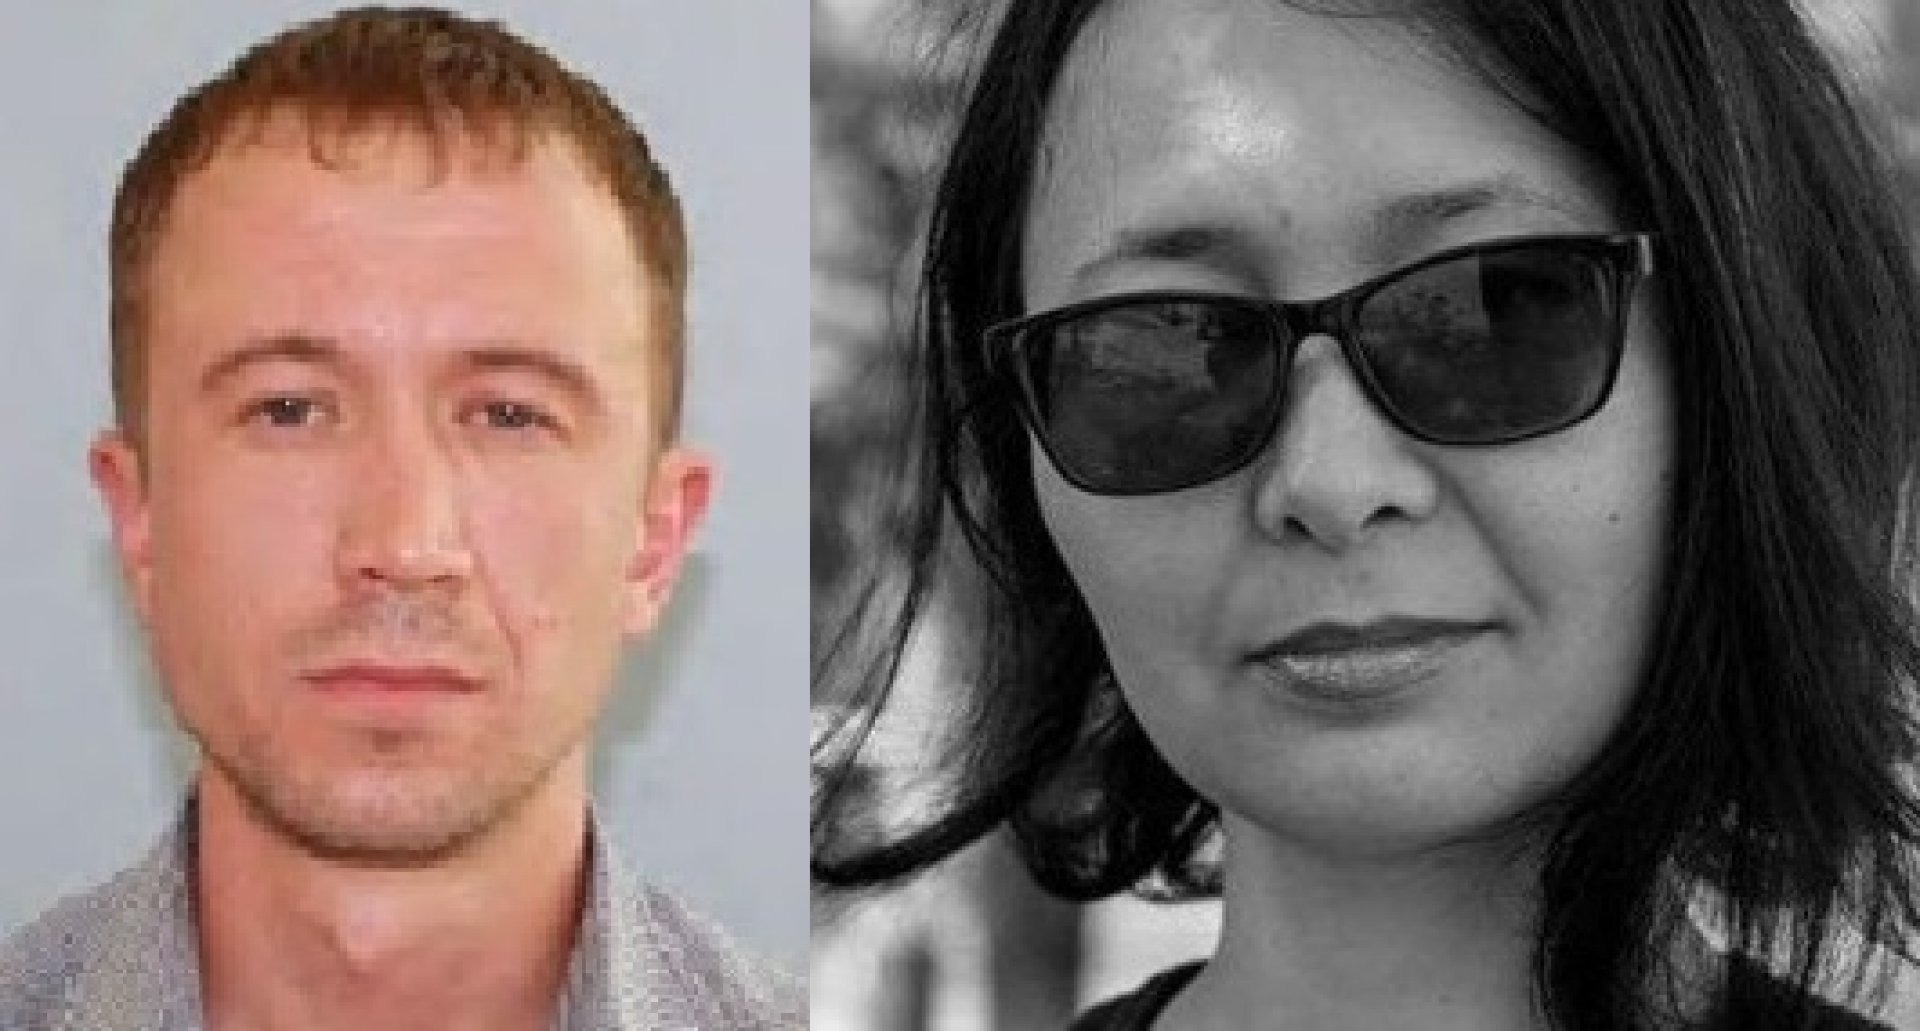 Задержан подозреваемый в убийстве журналистки в Астане , убийство, Журналистка, Астана